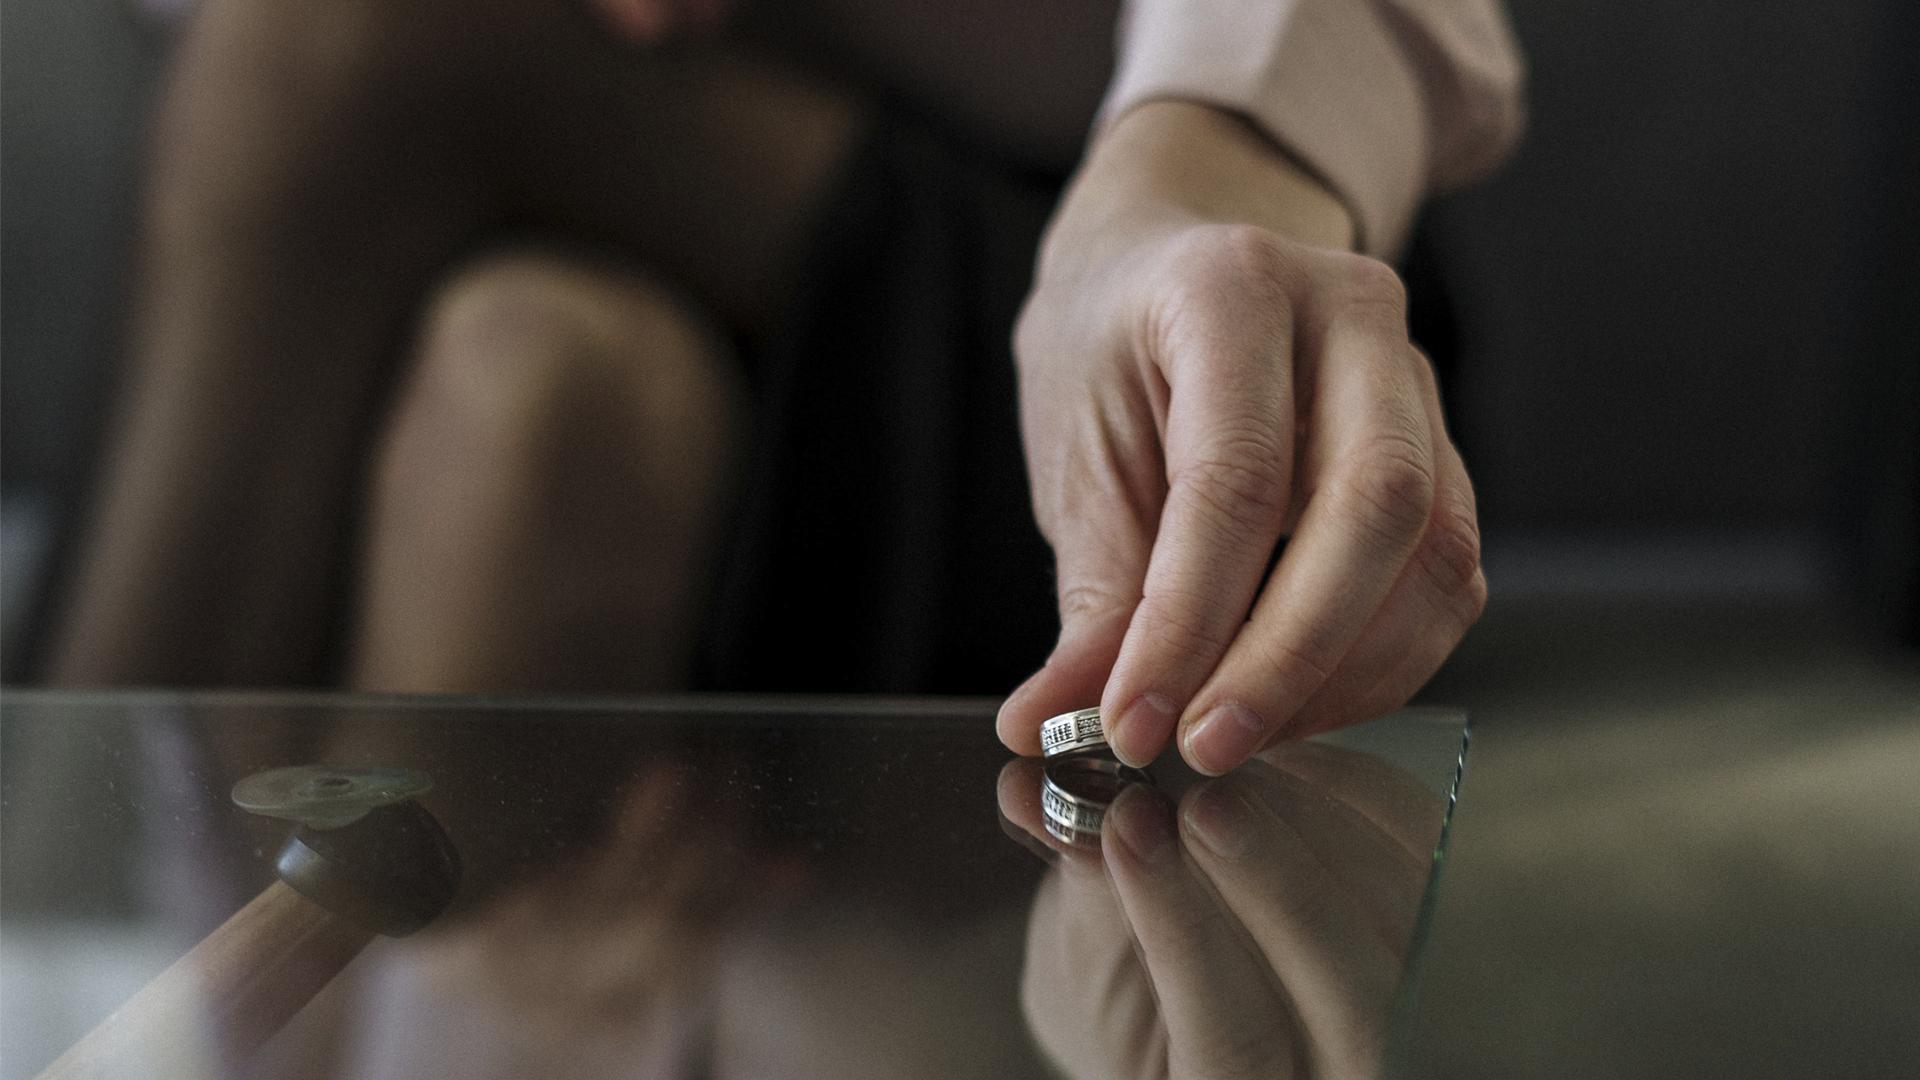 Divórcio em regime parcial de bens: aspectos relevantes na divisão do patrimônio